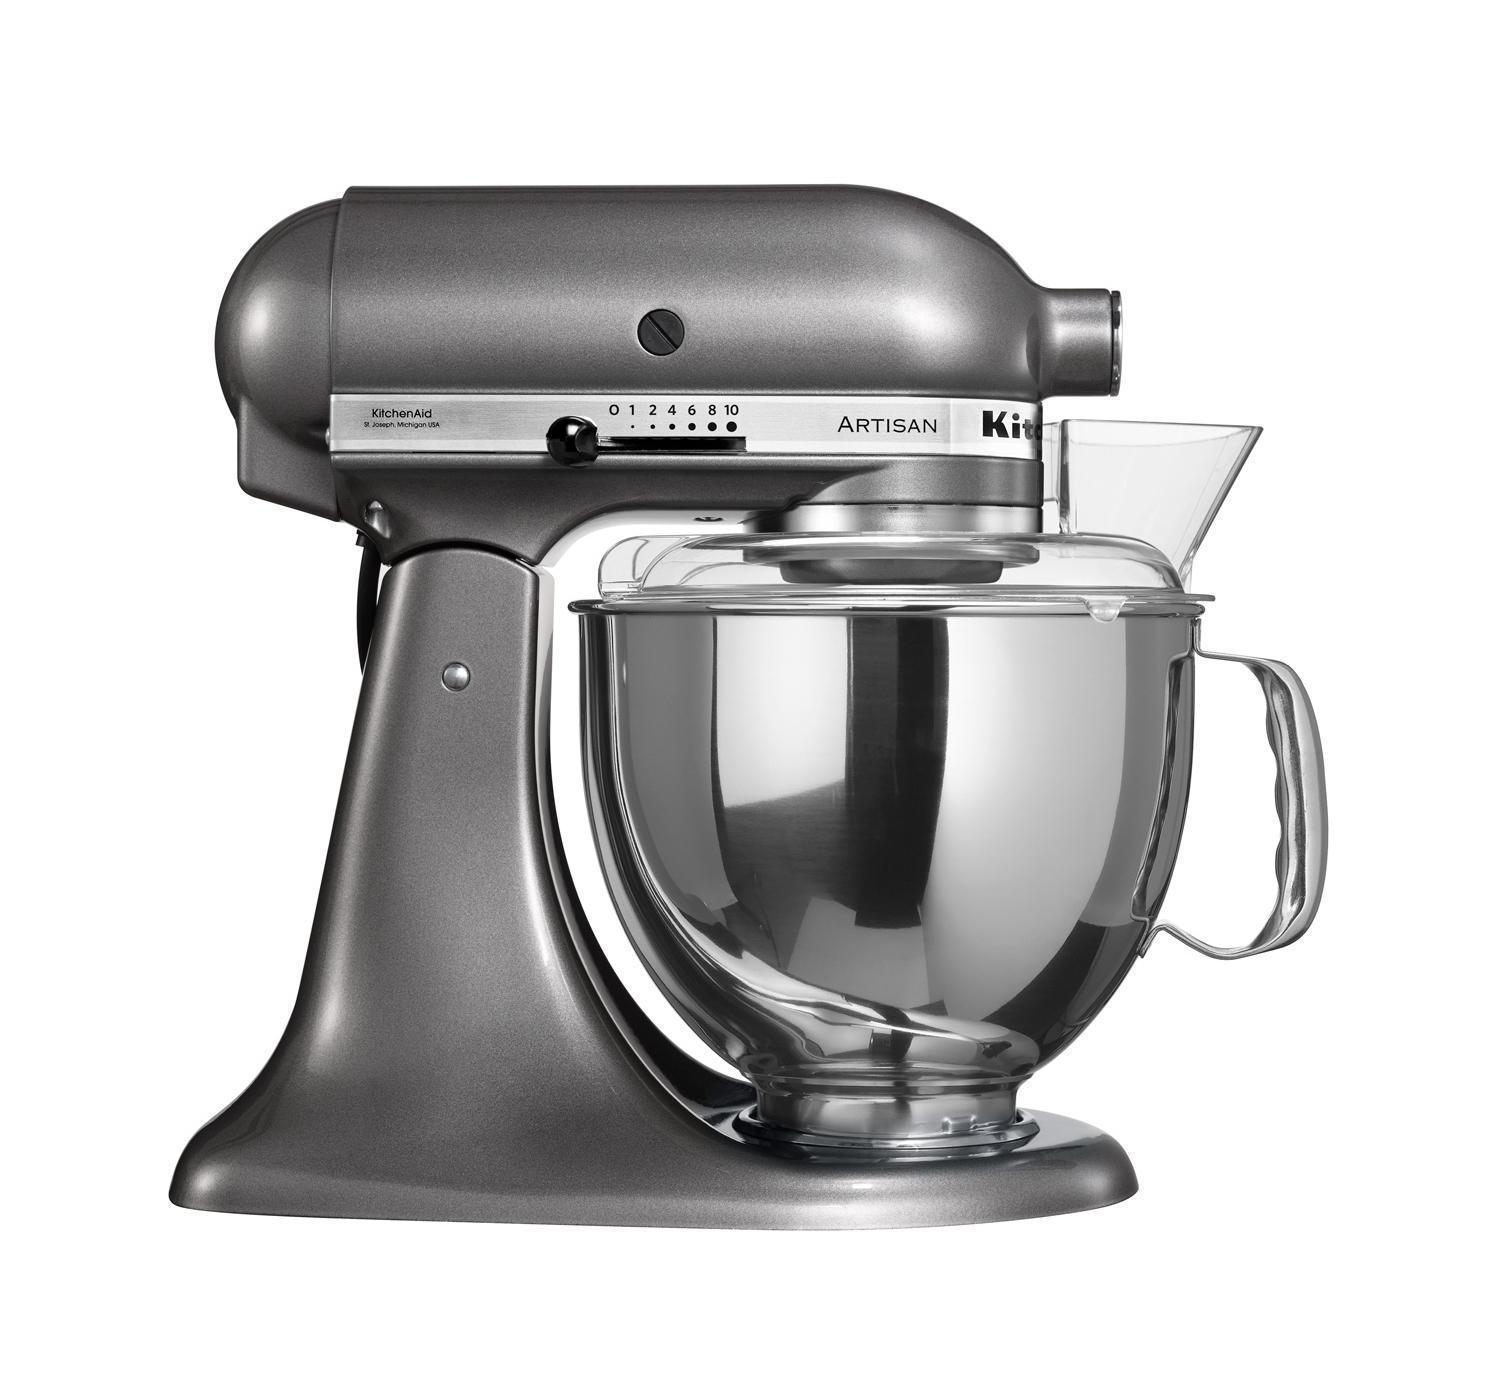 KitchenAid Artisan (5KSM150PSEMS), Grey миксер планетарный5KSM150PSEMS GreyВерный помощник на кухне – это миксер KitchenAid ARTISAN – высочайшее качество и прочность всех деталей. Уникальная объемная чаша на 4,8 литра совершенно не ограничивает ваши фантазии, позволяя творить чудеса. Смешивайте и растирайте, взбивайте и размалывайте, эта новинка привела в восторг лучших шеф-поваров Европы, и нашла применение на профессиональных кухнях лучших мировых ресторанов. Элегантный, надежный и простой в использовании, наш миксер предназначен для замешивания не только теста различной консистенции, но и многих других продуктов. Вместительная дежа на 4,8 л и мощность в 300 Вт полностью удовлетворяют ваши желания. Прочный и долговечный он будет долго радовать вас своей безупречной работой, а специальный защитный кожух не даст вам даже малейшей вероятности повредить руки.